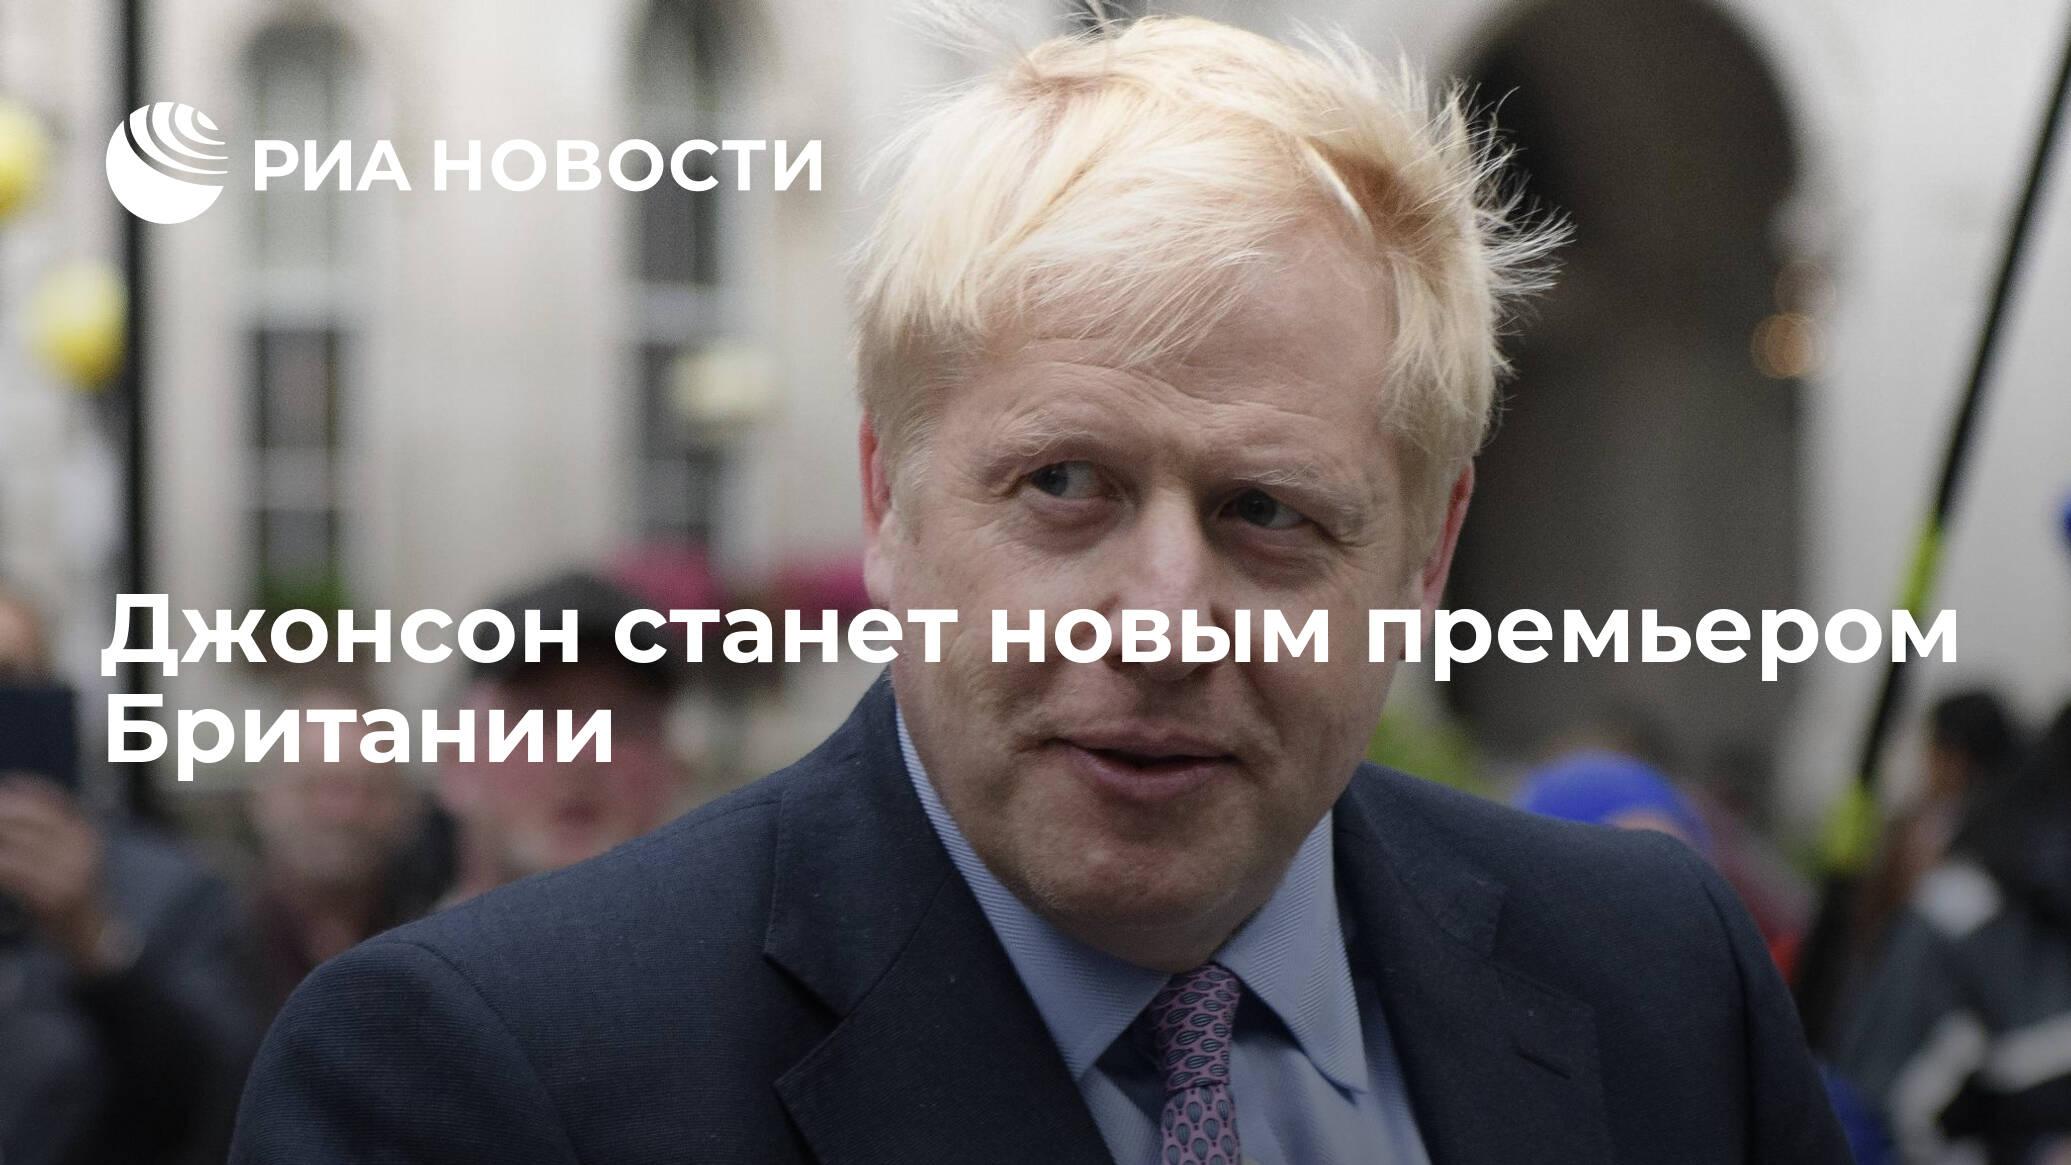 Борис Джонсон станет новым премьером Британии